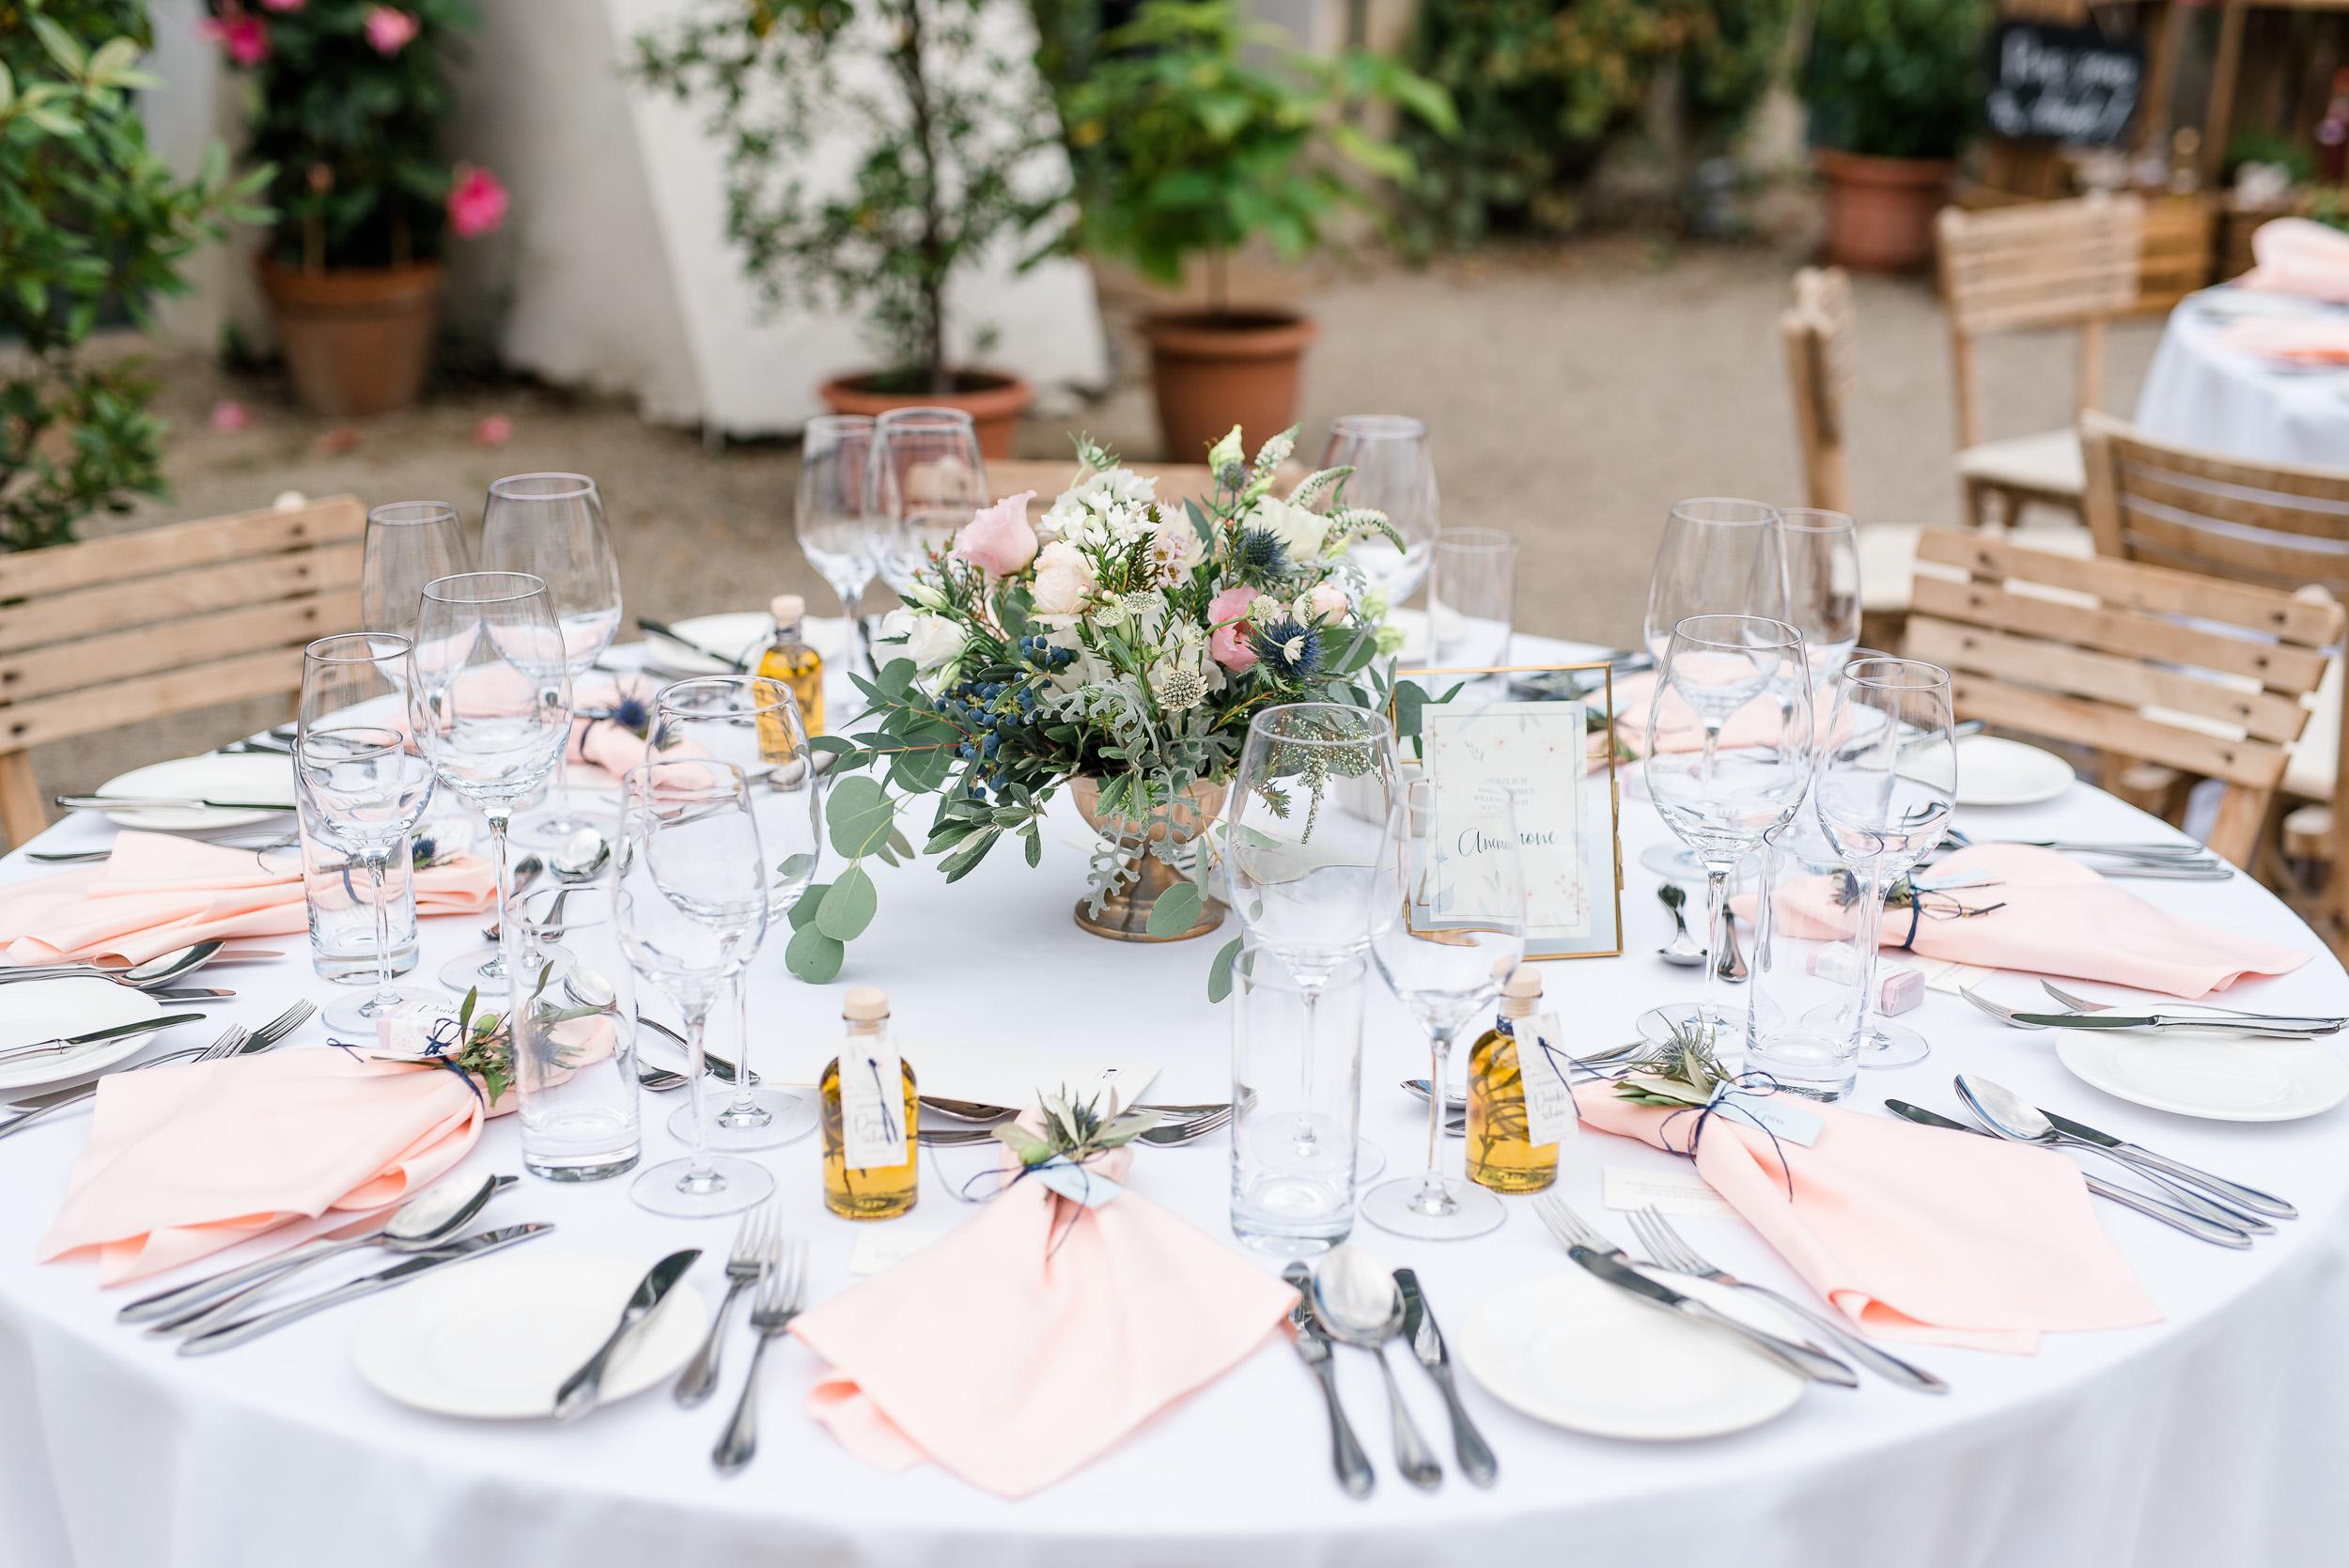 rosemarrylemon_Hochzeit_ES_Hochzeitsdeko2.jpg